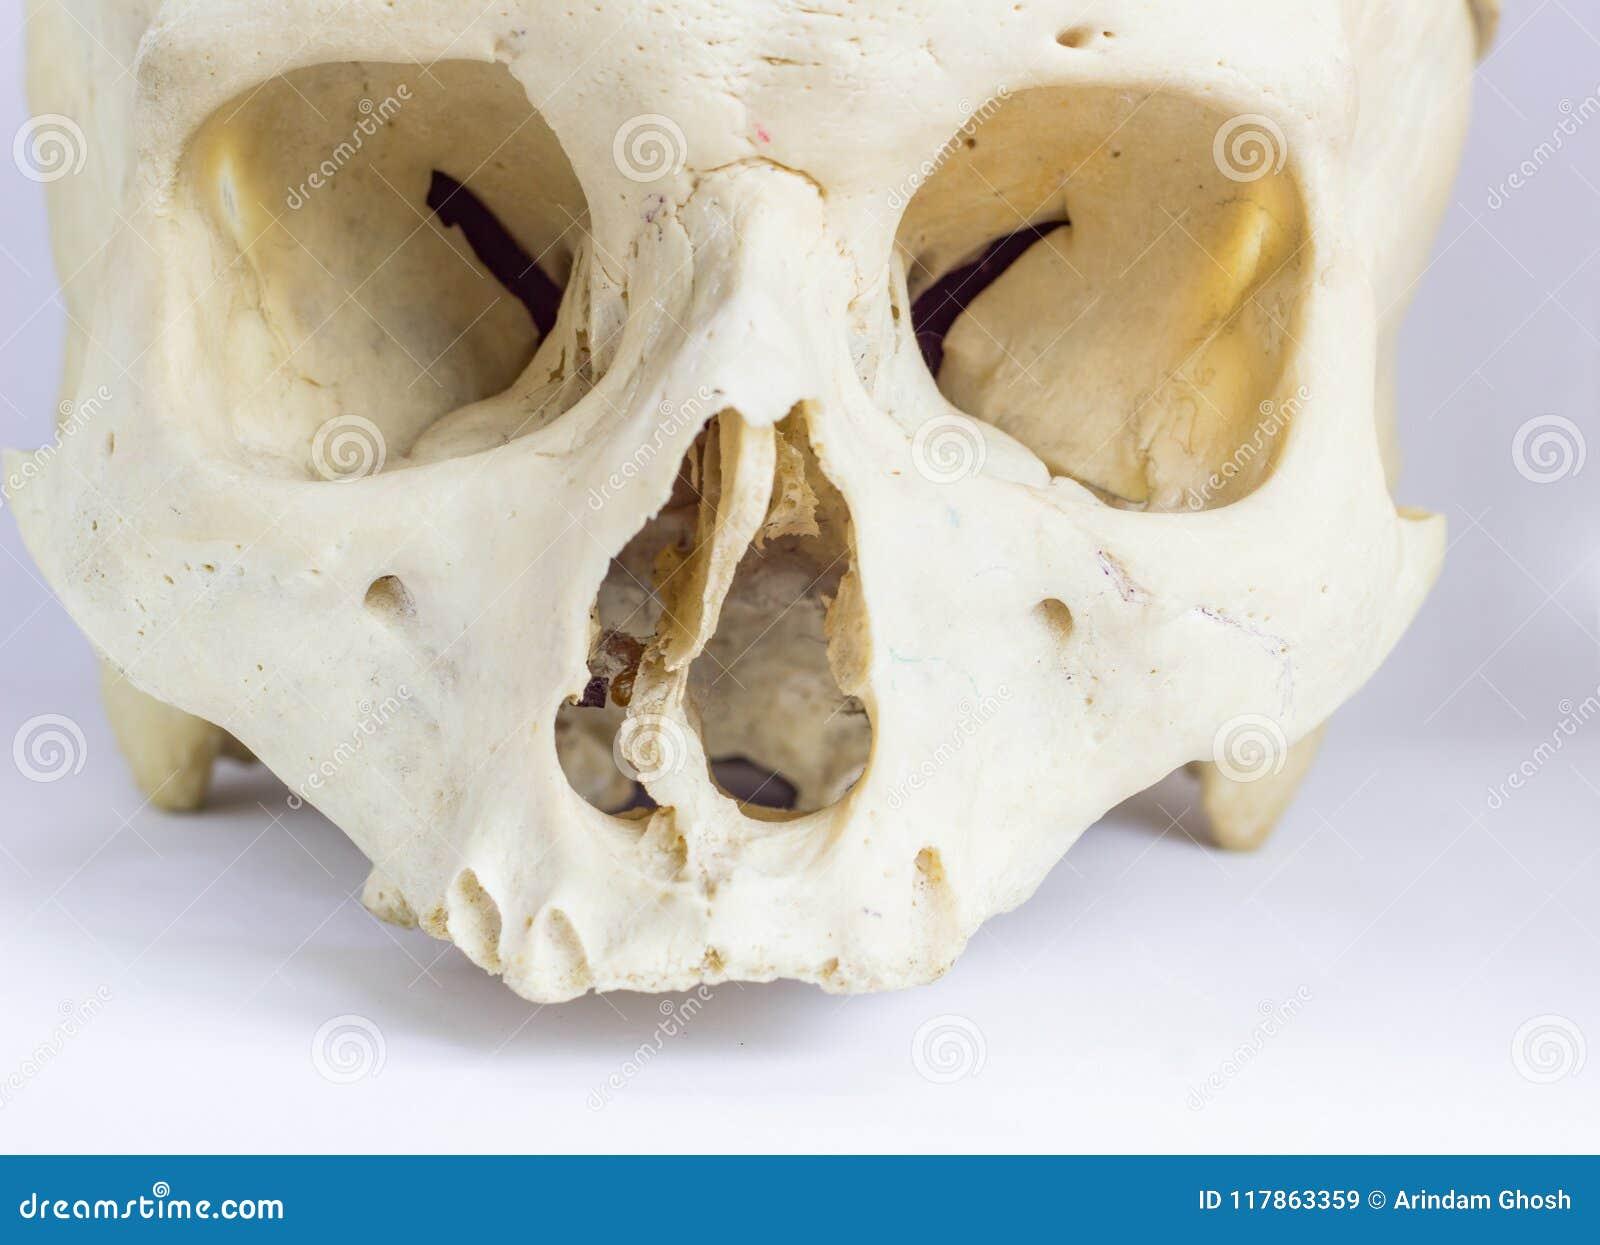 Fermez-vous vers le haut de la macro vue de l os humain de crâne montrant l anatomie du foramen nasal, du septum nasal et de la c